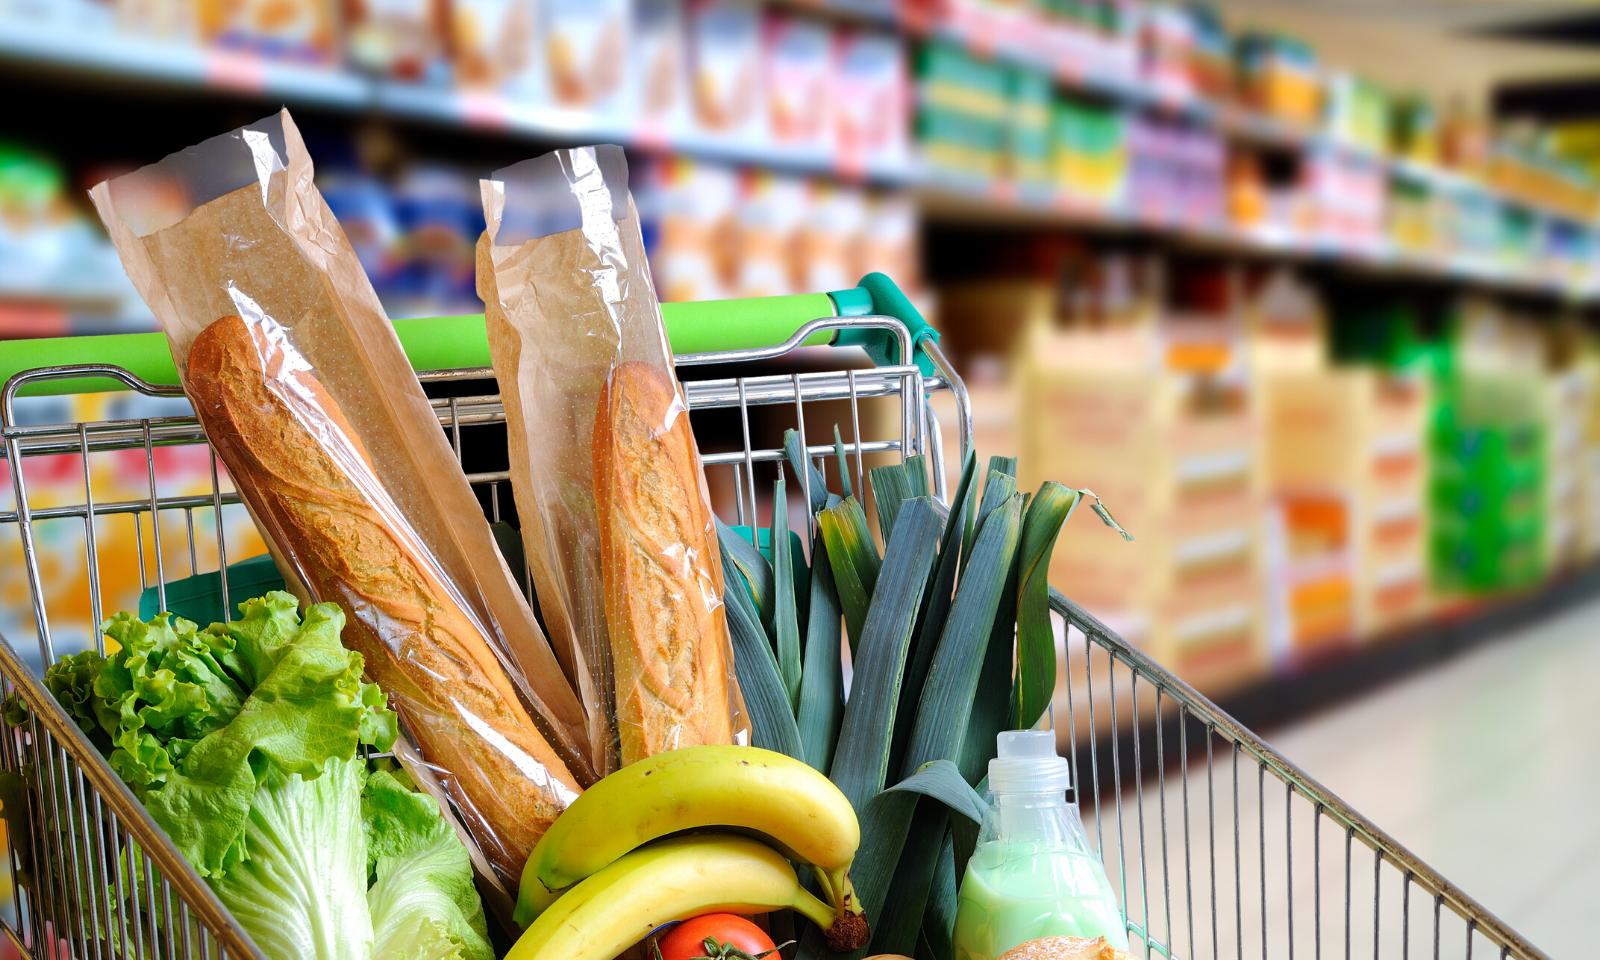 Cabaz de compras para duas semanas - Que alimentos deves escolher?